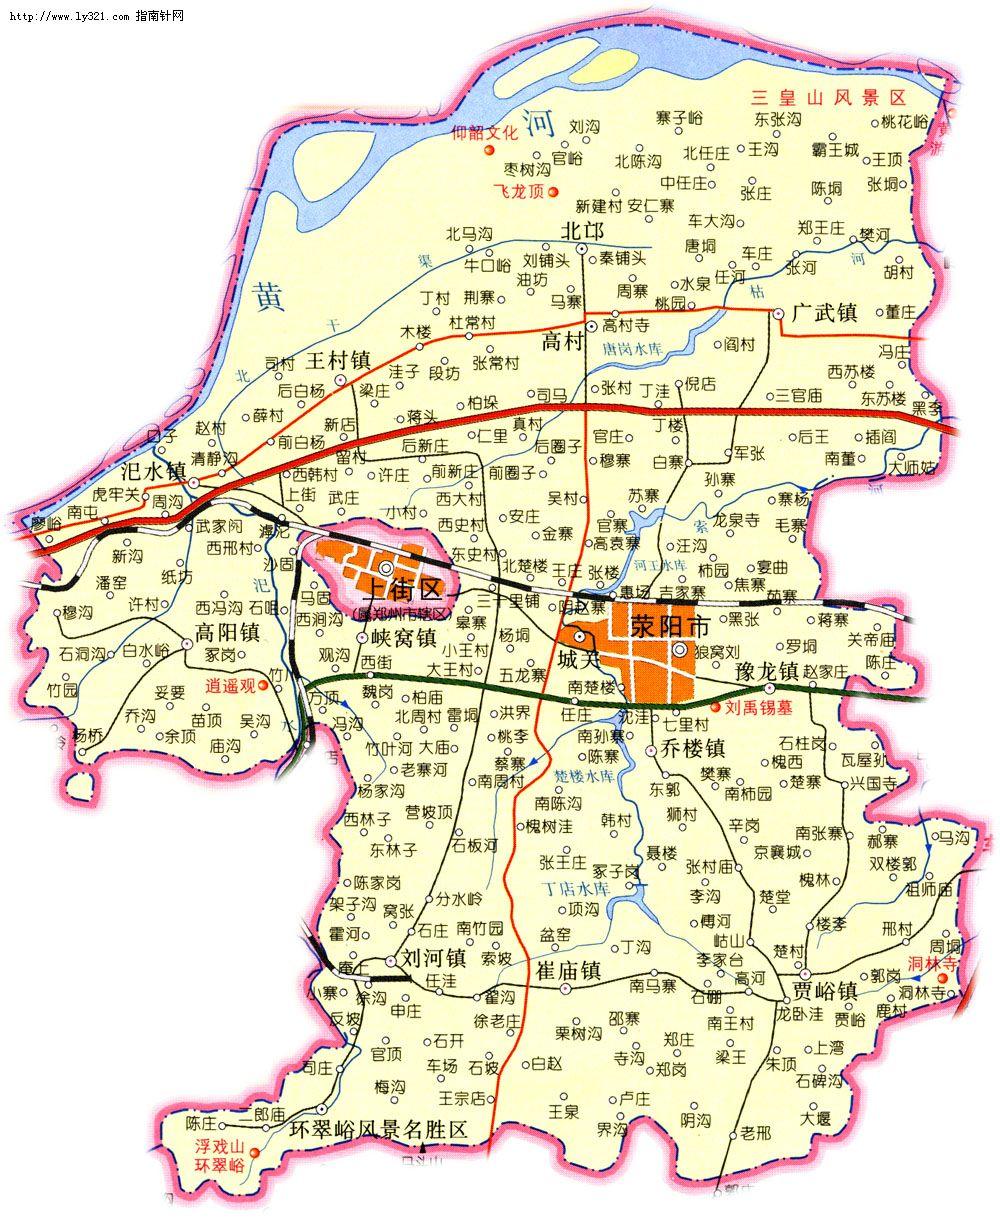 巩义市地图_河南郑州荥阳市地图_郑州地图库